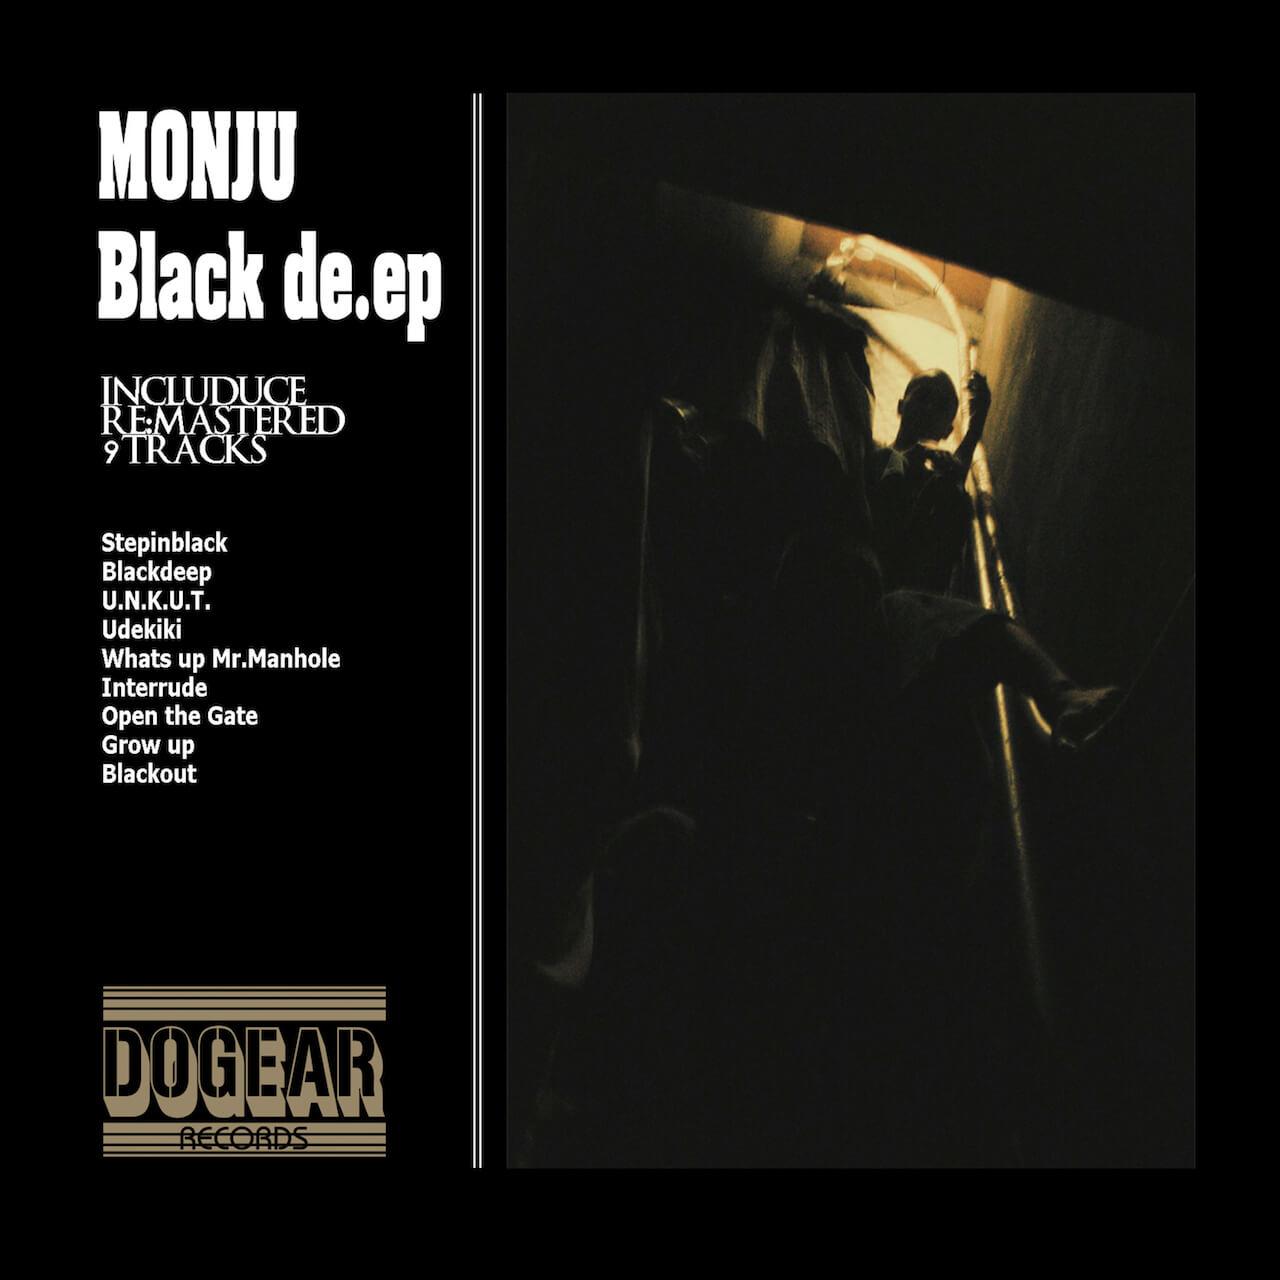 MONJU(ISSUGI、仙人掌、Mr.PUG)が新曲「INCREDIBLE」をリリース|さらに得能直也がリマスタリングを施した『Black De.Ep』がサブスク解禁 music191127-monju-2